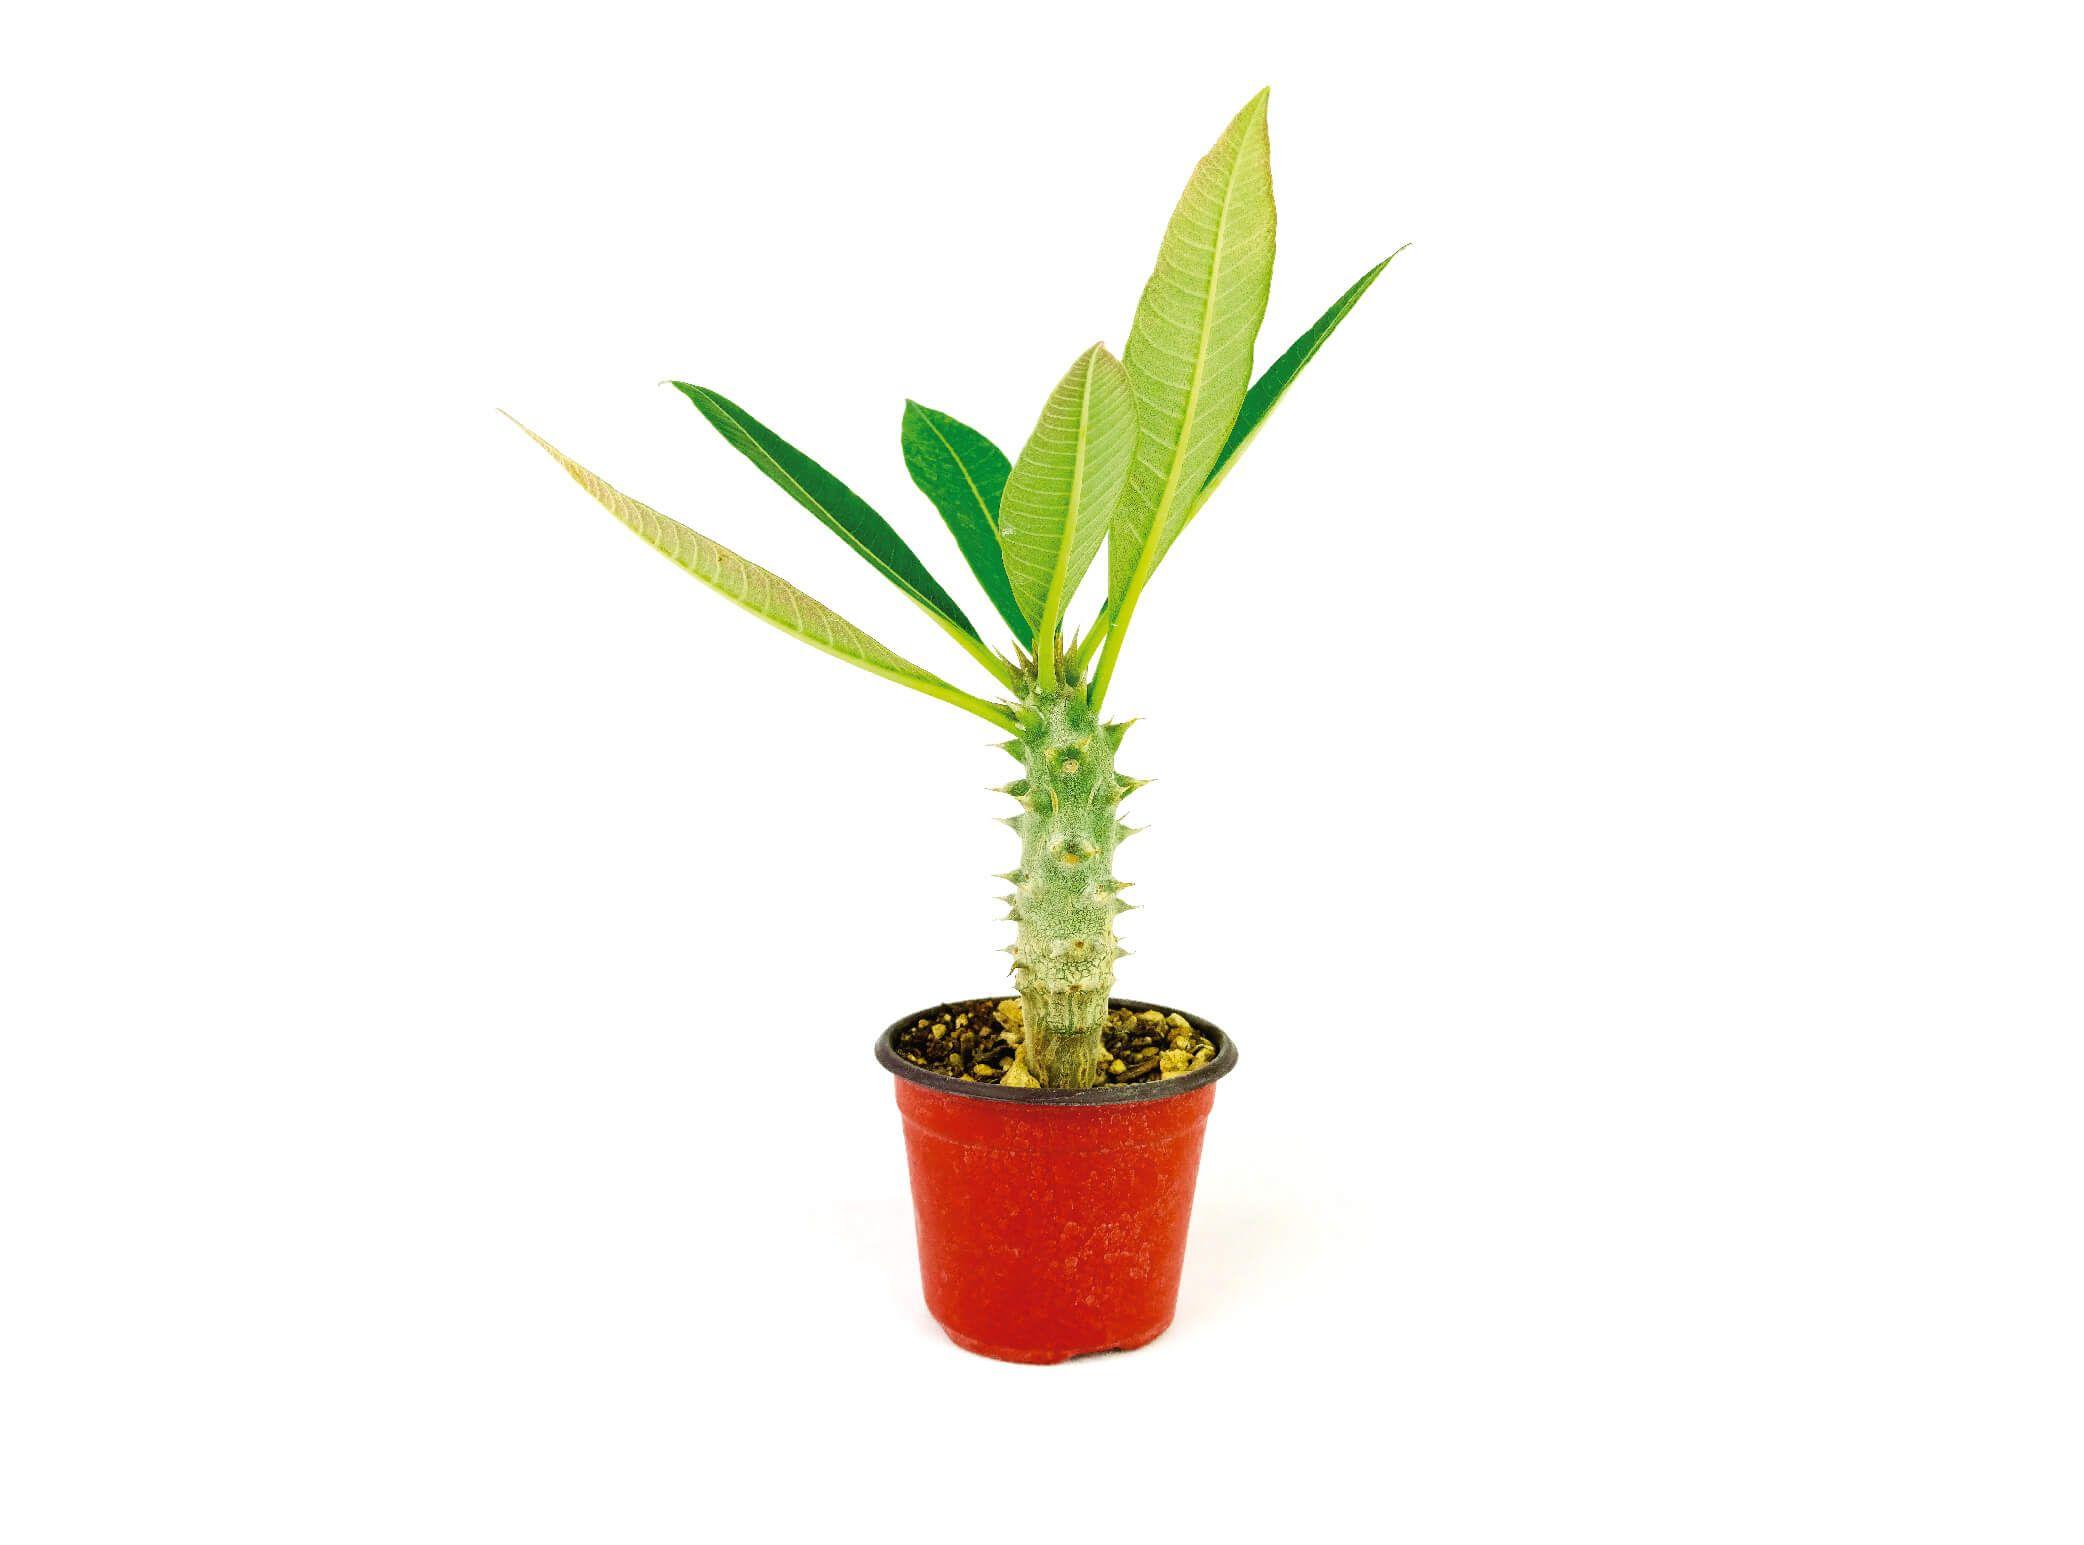 Pachypodium Baronii en Maceta de 4 Pulgadas - Vivero Magnoliophyta